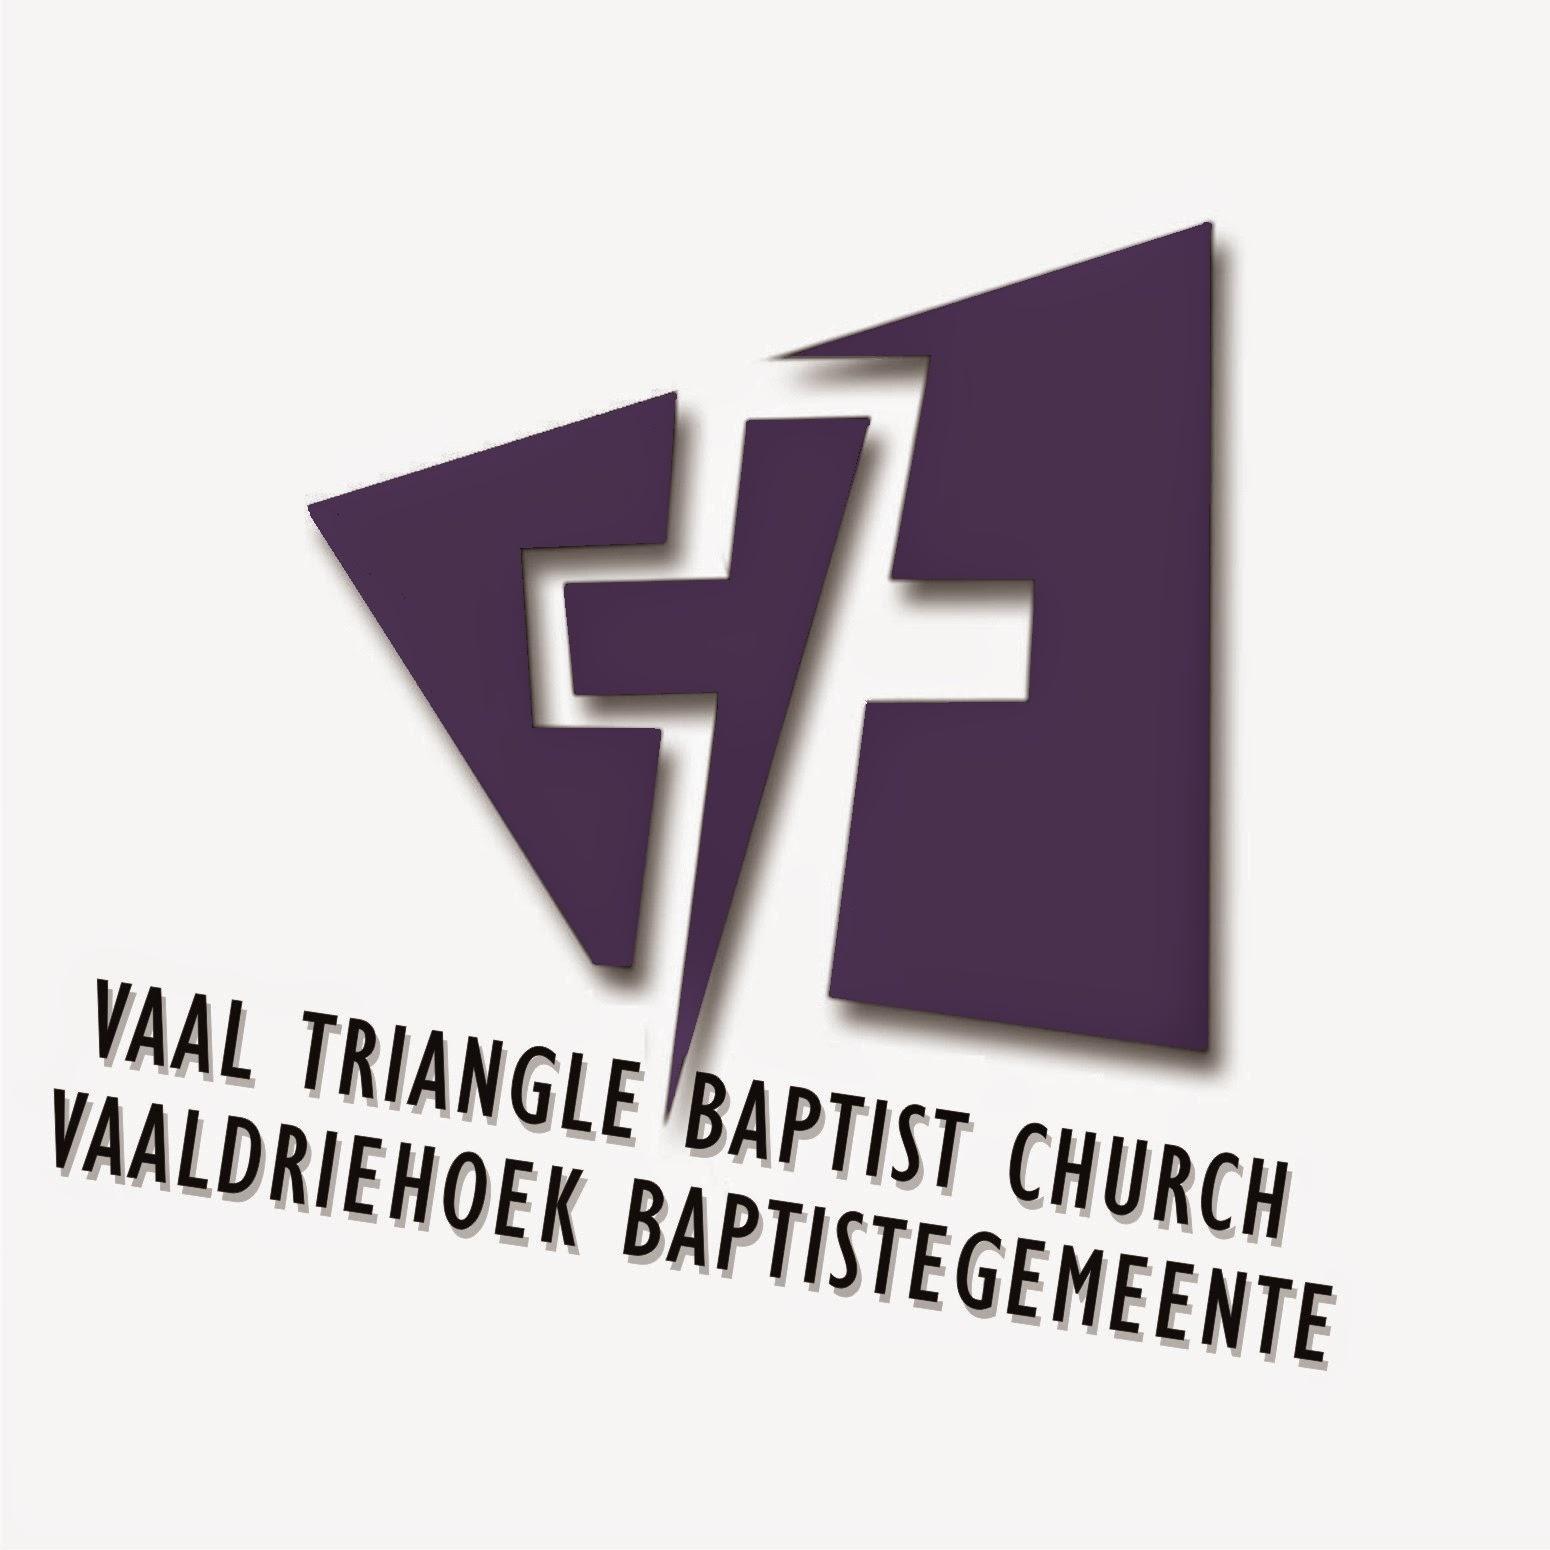 Vaaldriehoek Gereformeerde Baptistegemeente (Drie Riviere, Proper)